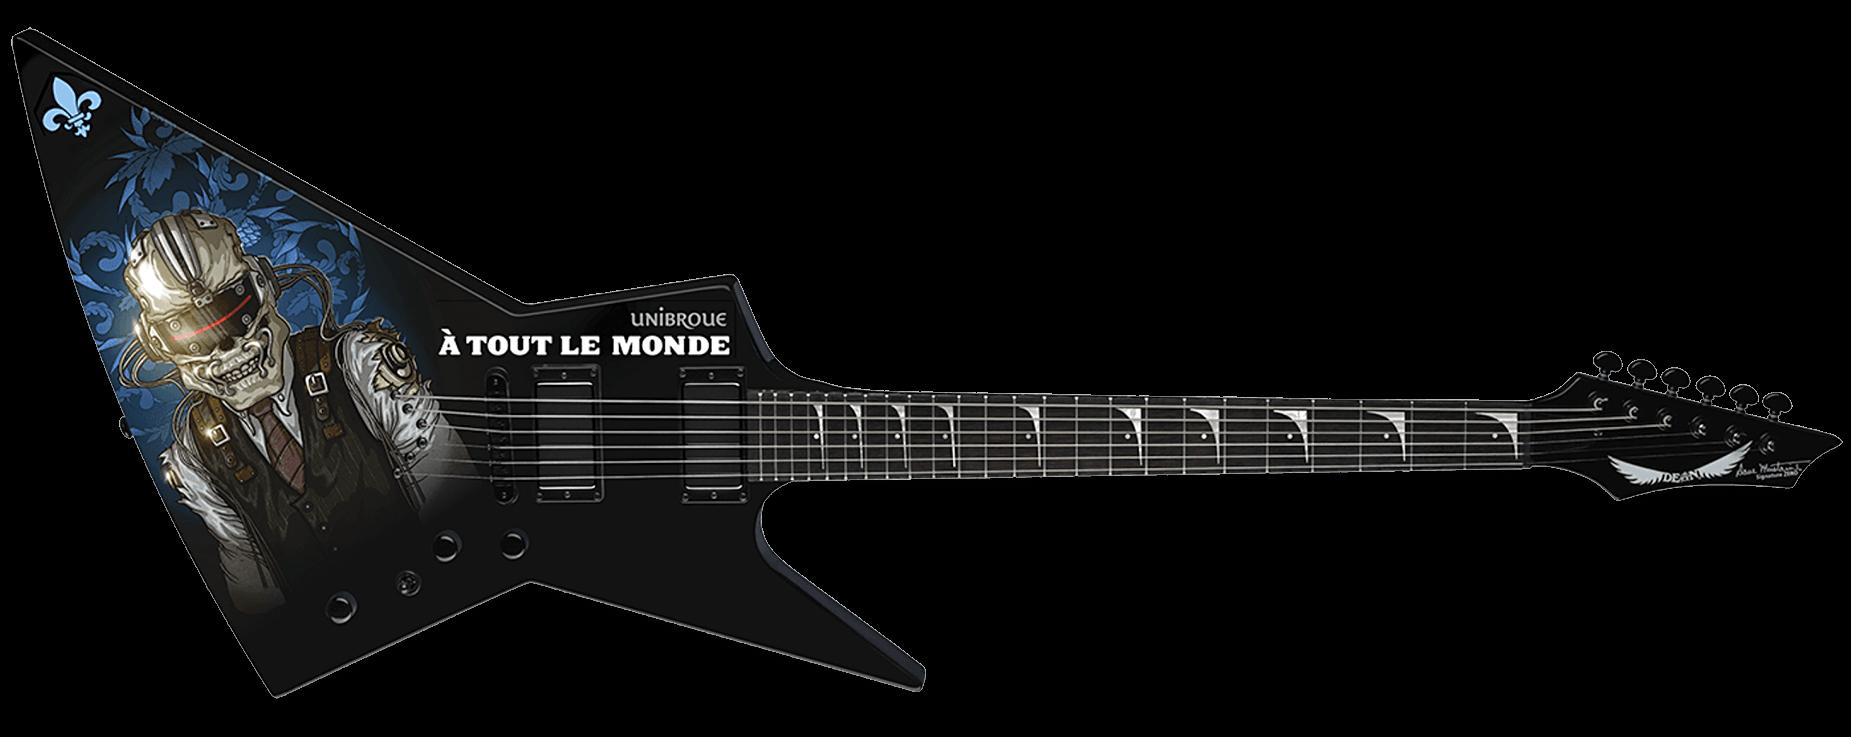 Dean Zero Dave Mustaine a Tout le Monde